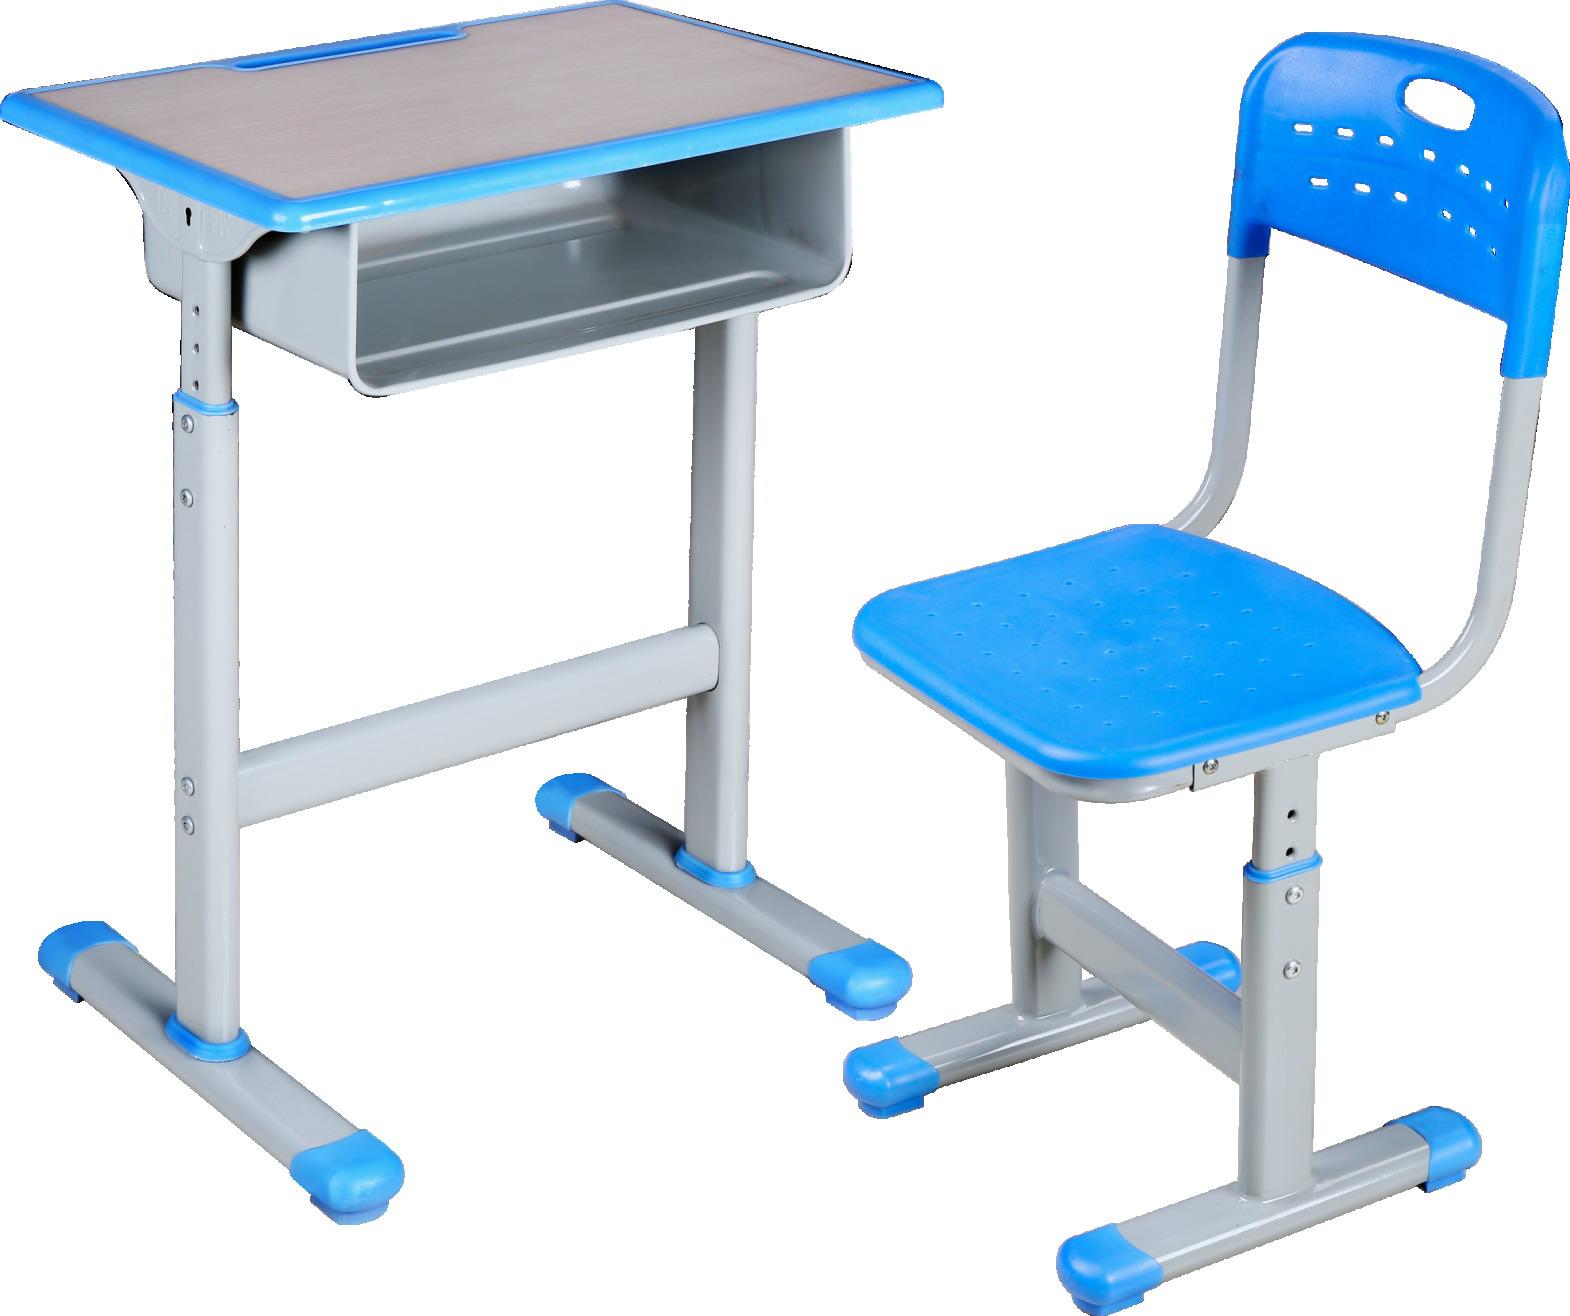 课桌椅,兰州课桌椅定制,甘肃学校课桌椅,办公家具,学校校具